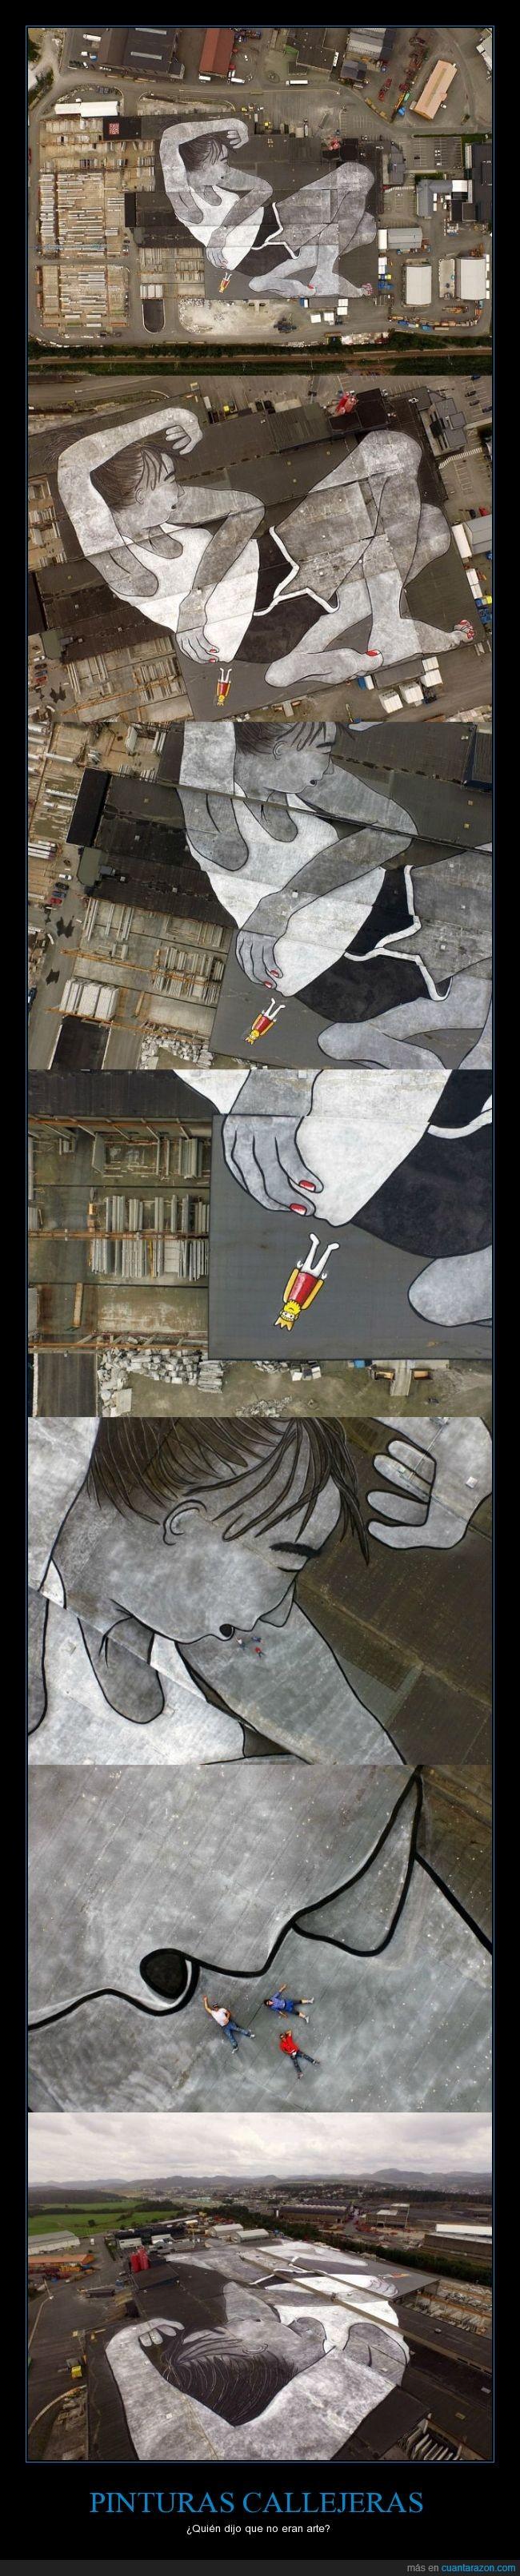 chica,dibujo,Ella & Pitr,espectacular,mural,noruega,personas